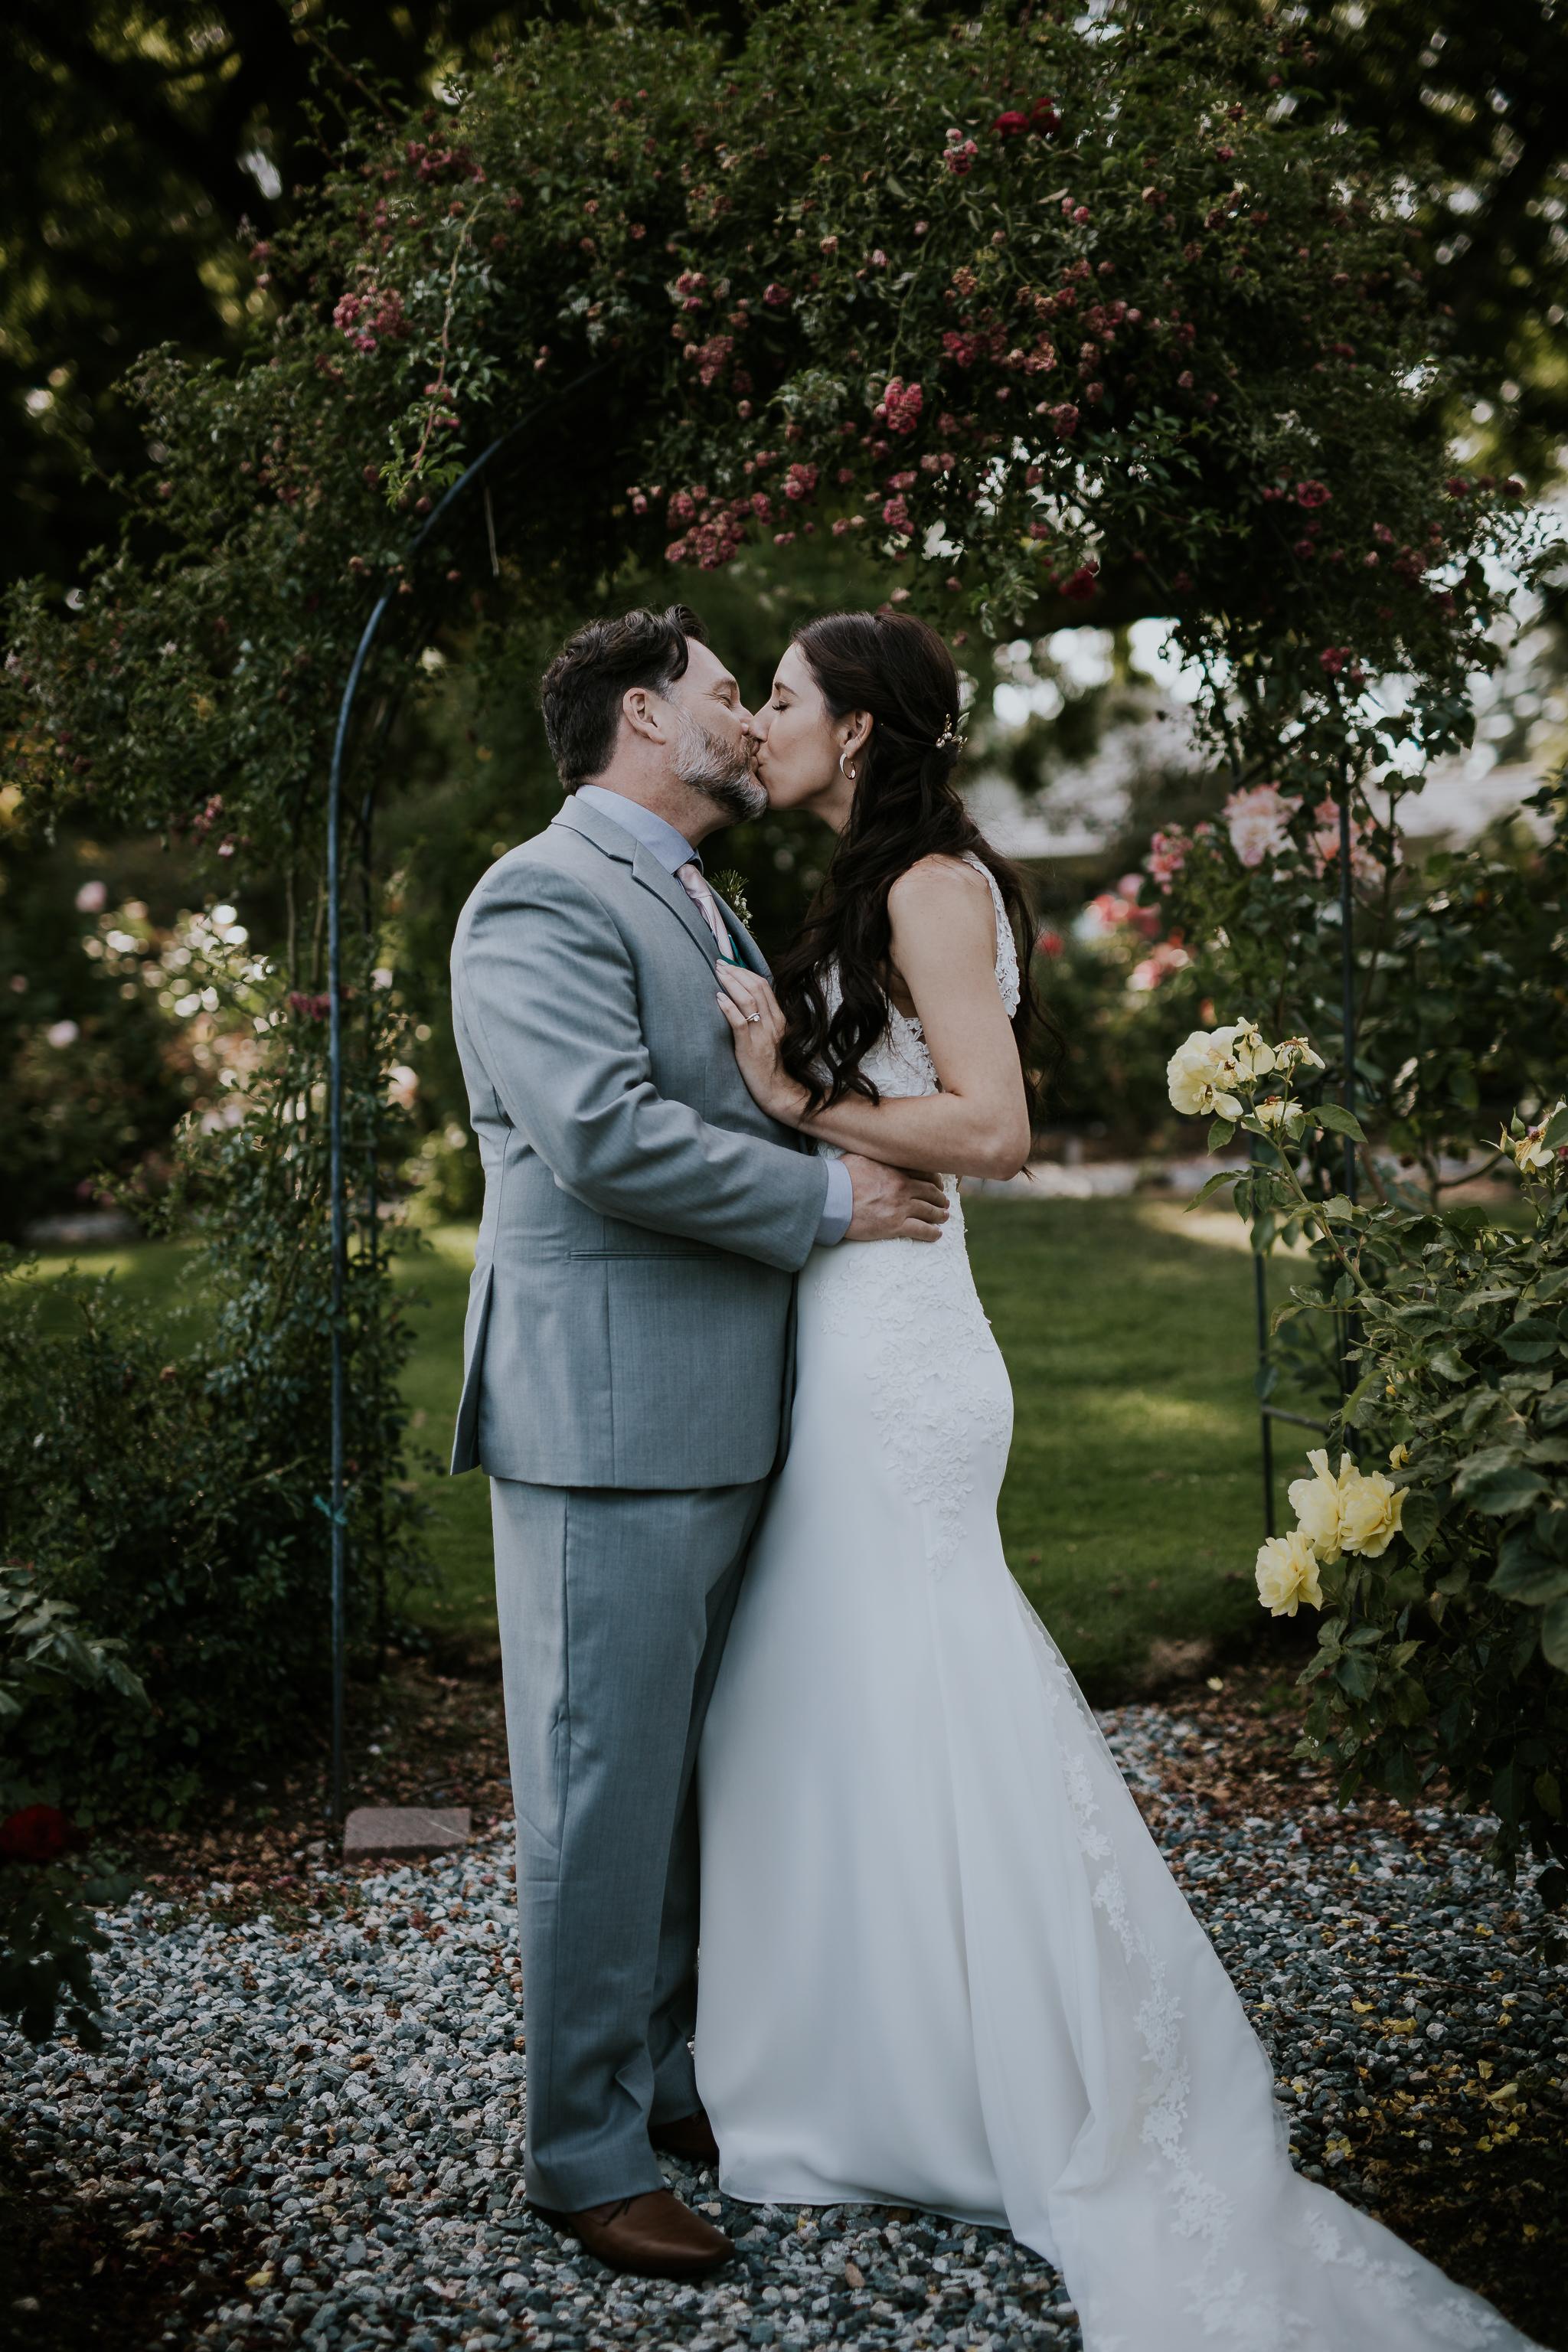 20170819-vancouver-island-elopement-photographer-Jen and Ken-0005.jpg